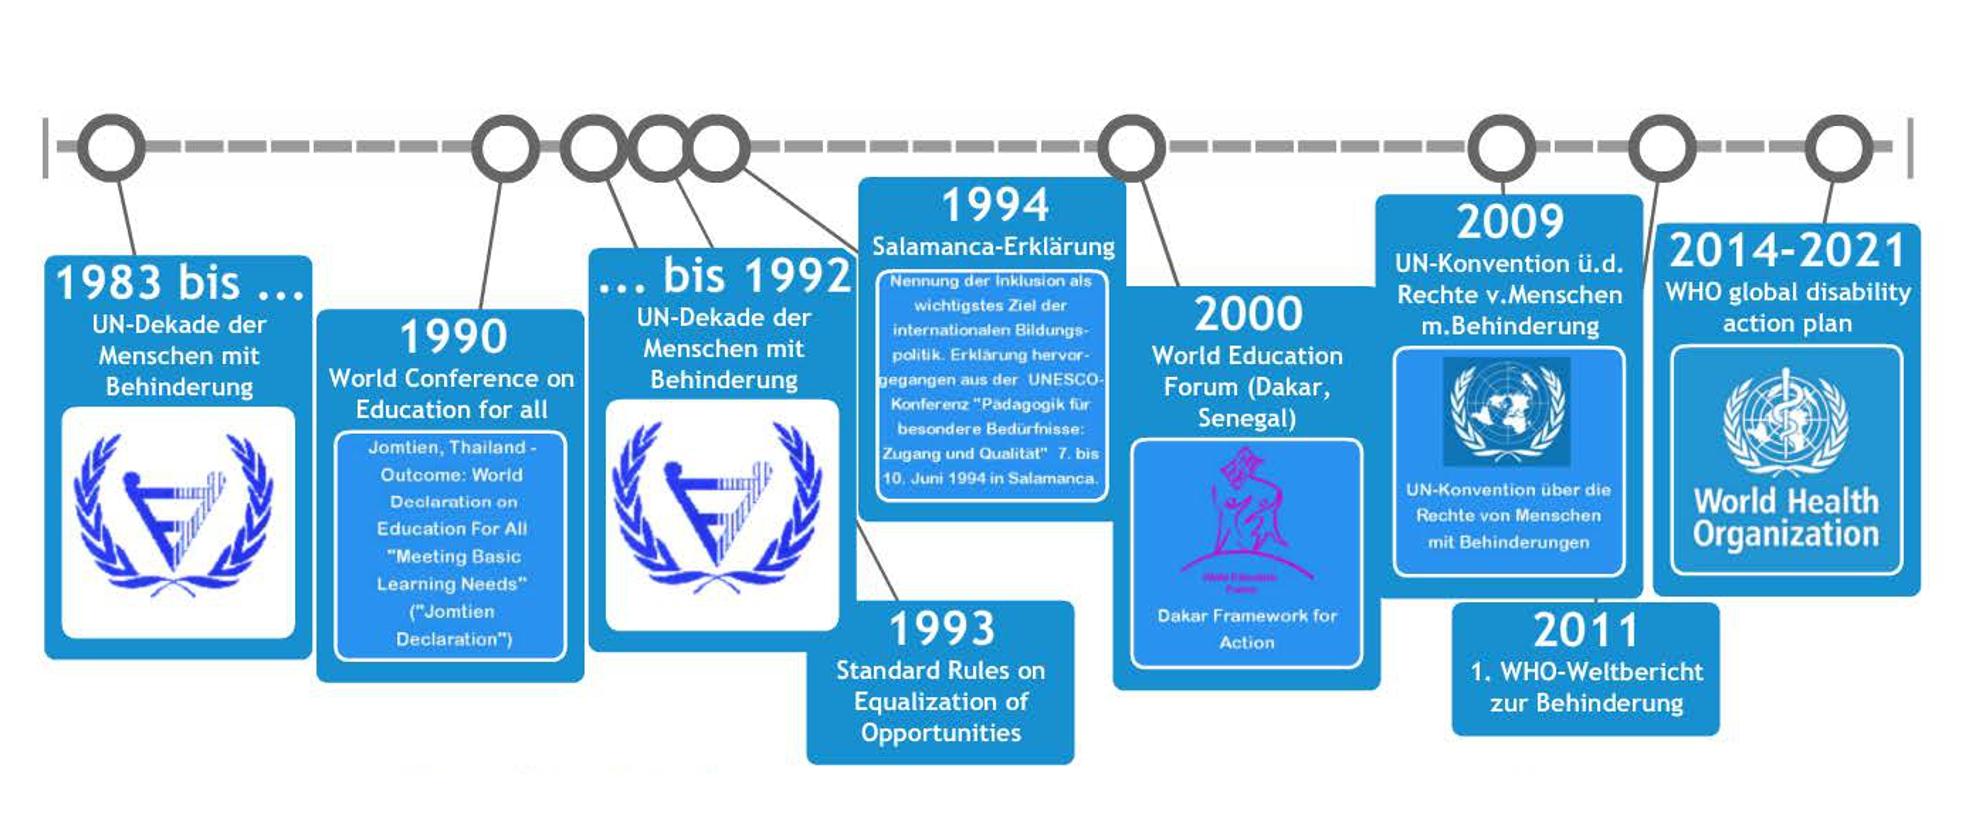 Zeitleiste zu wichtigen Daten und Ereignissen der internationalen Inklusionspolitik. Erstellt mit readwritethink software. Cohen Creative Commons Licence Namensnennung, nicht kommerziell, Weitergabe unter gleichen Bedingungen